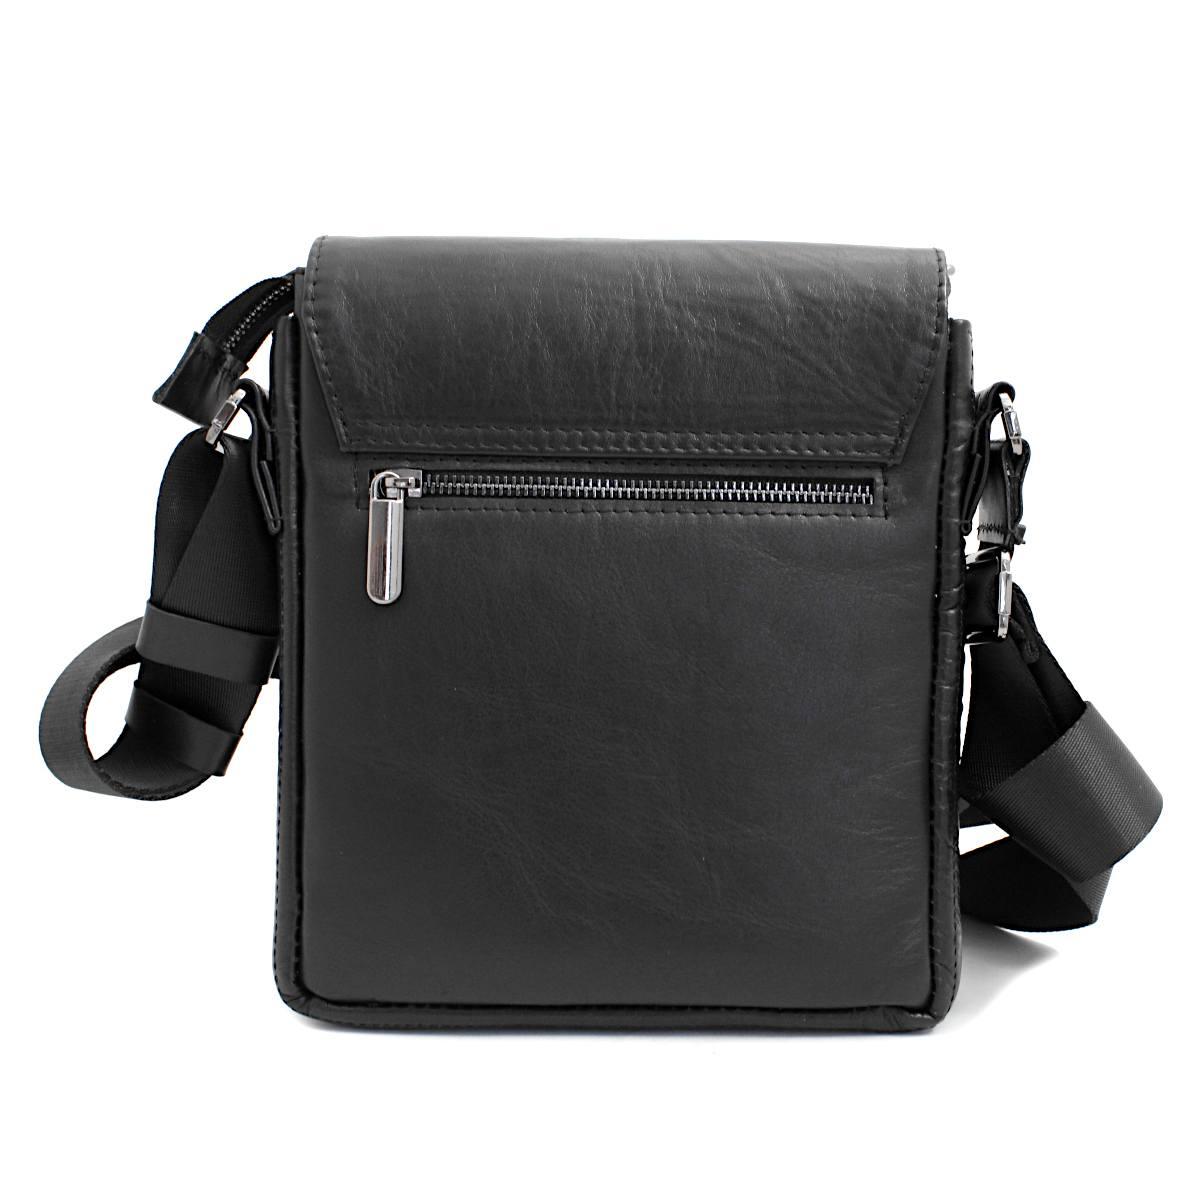 луксозна мъжка чанта от естествена кожа черна отзад